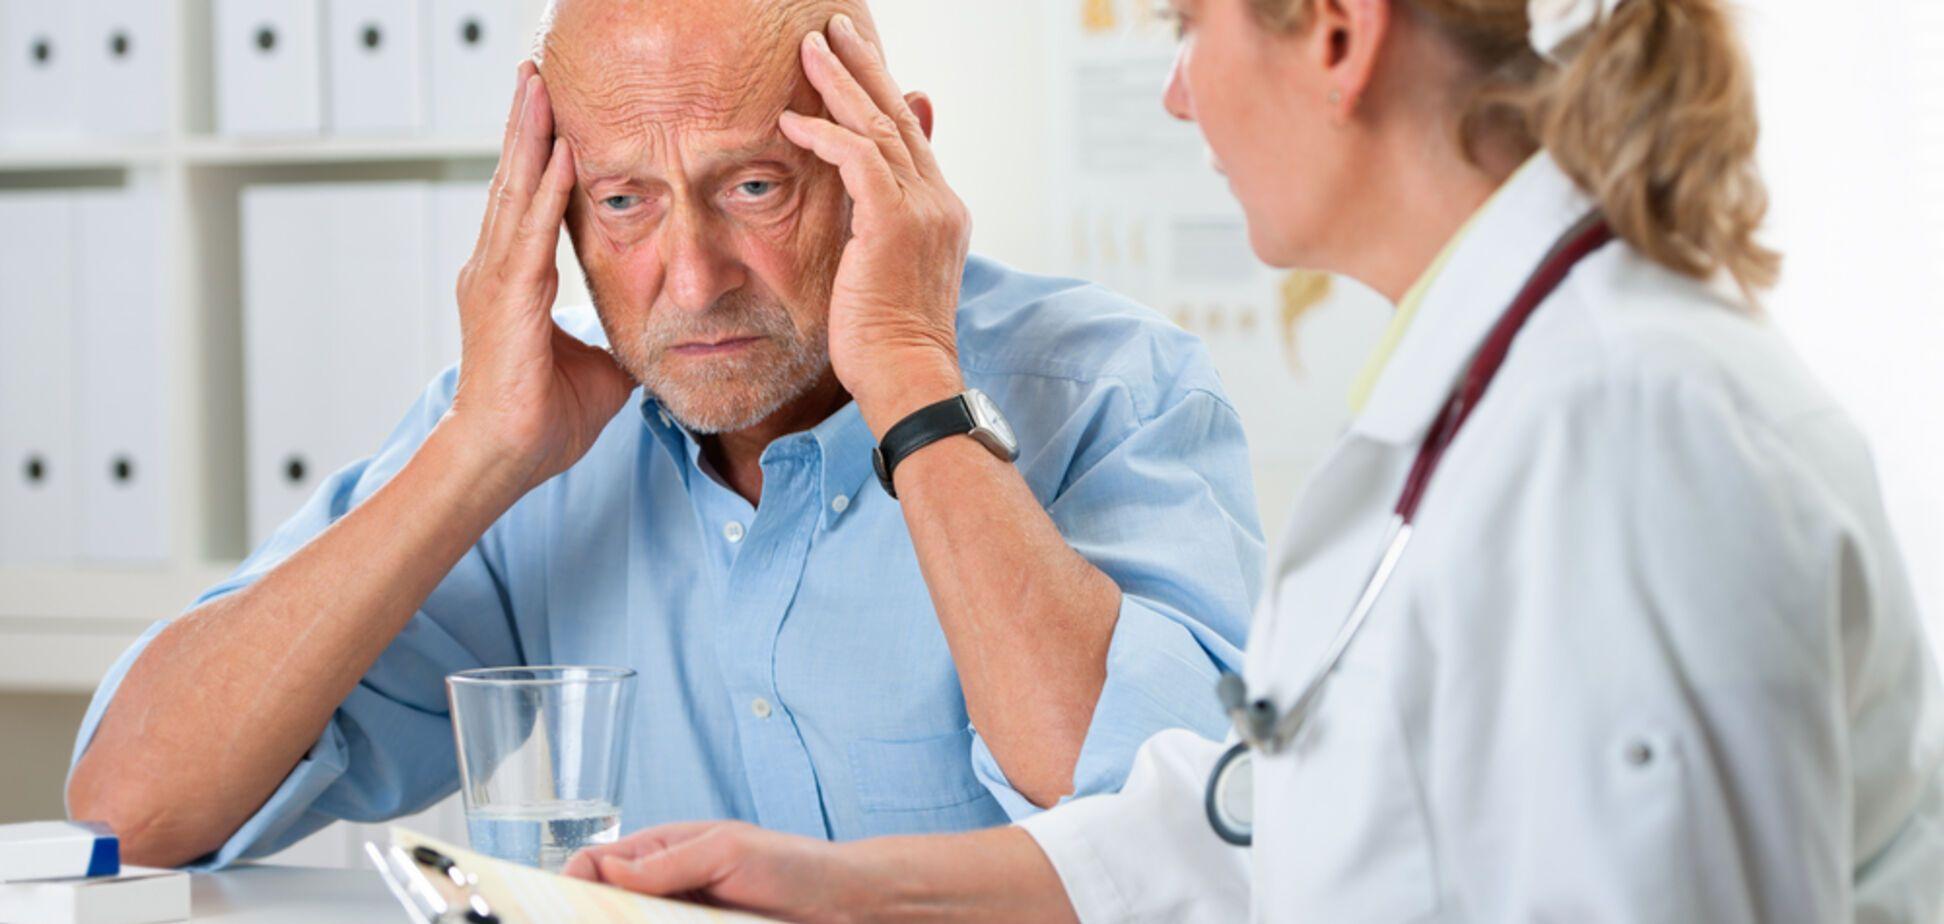 Вчені дізналися, як можна заразитися хворобою Альцгеймера